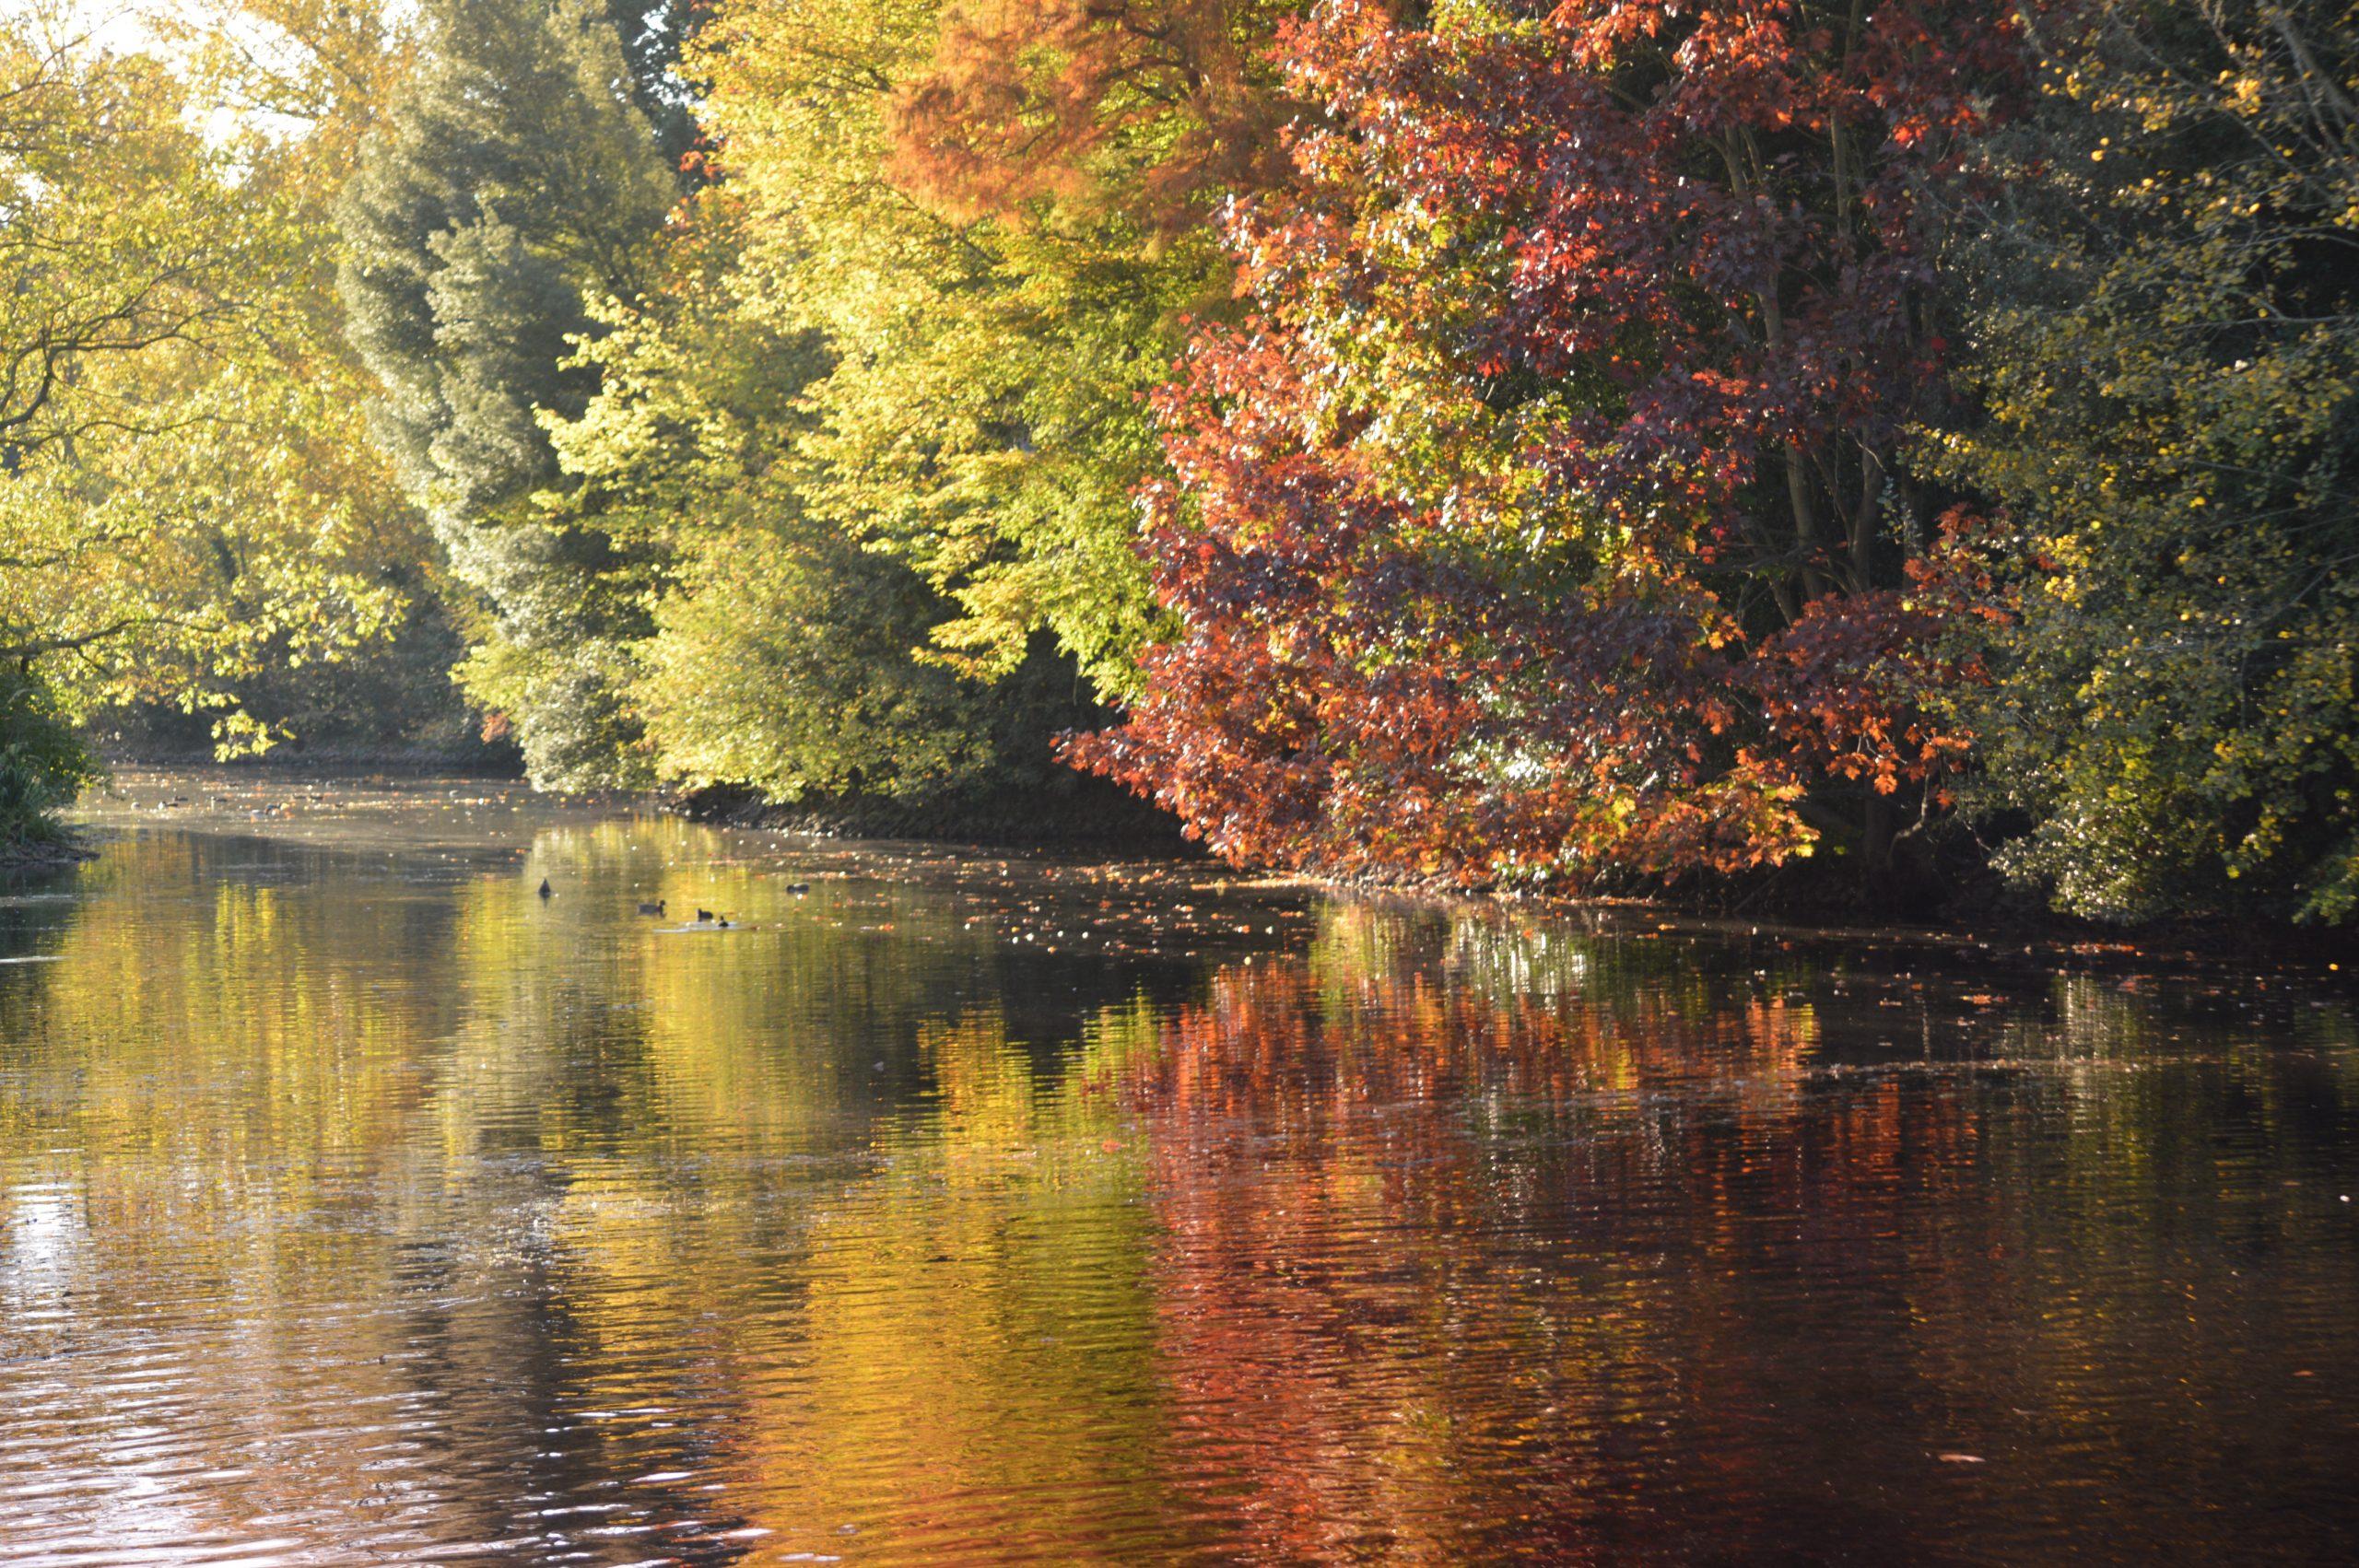 Kew in Autumn